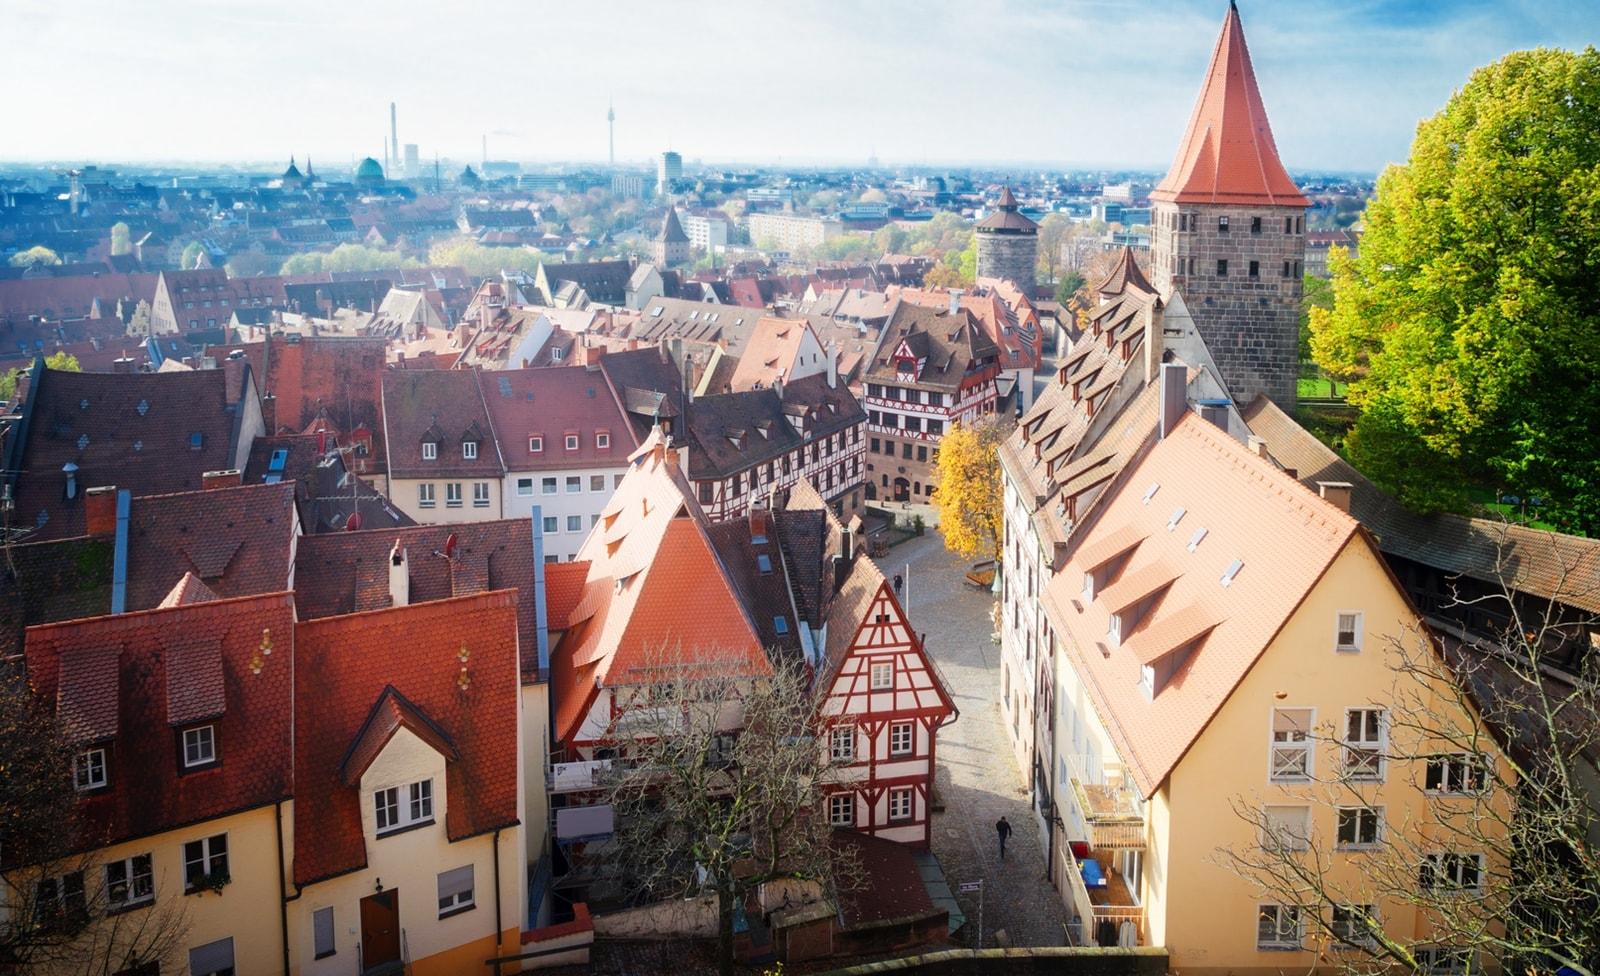 Altstadt in Nürnberg